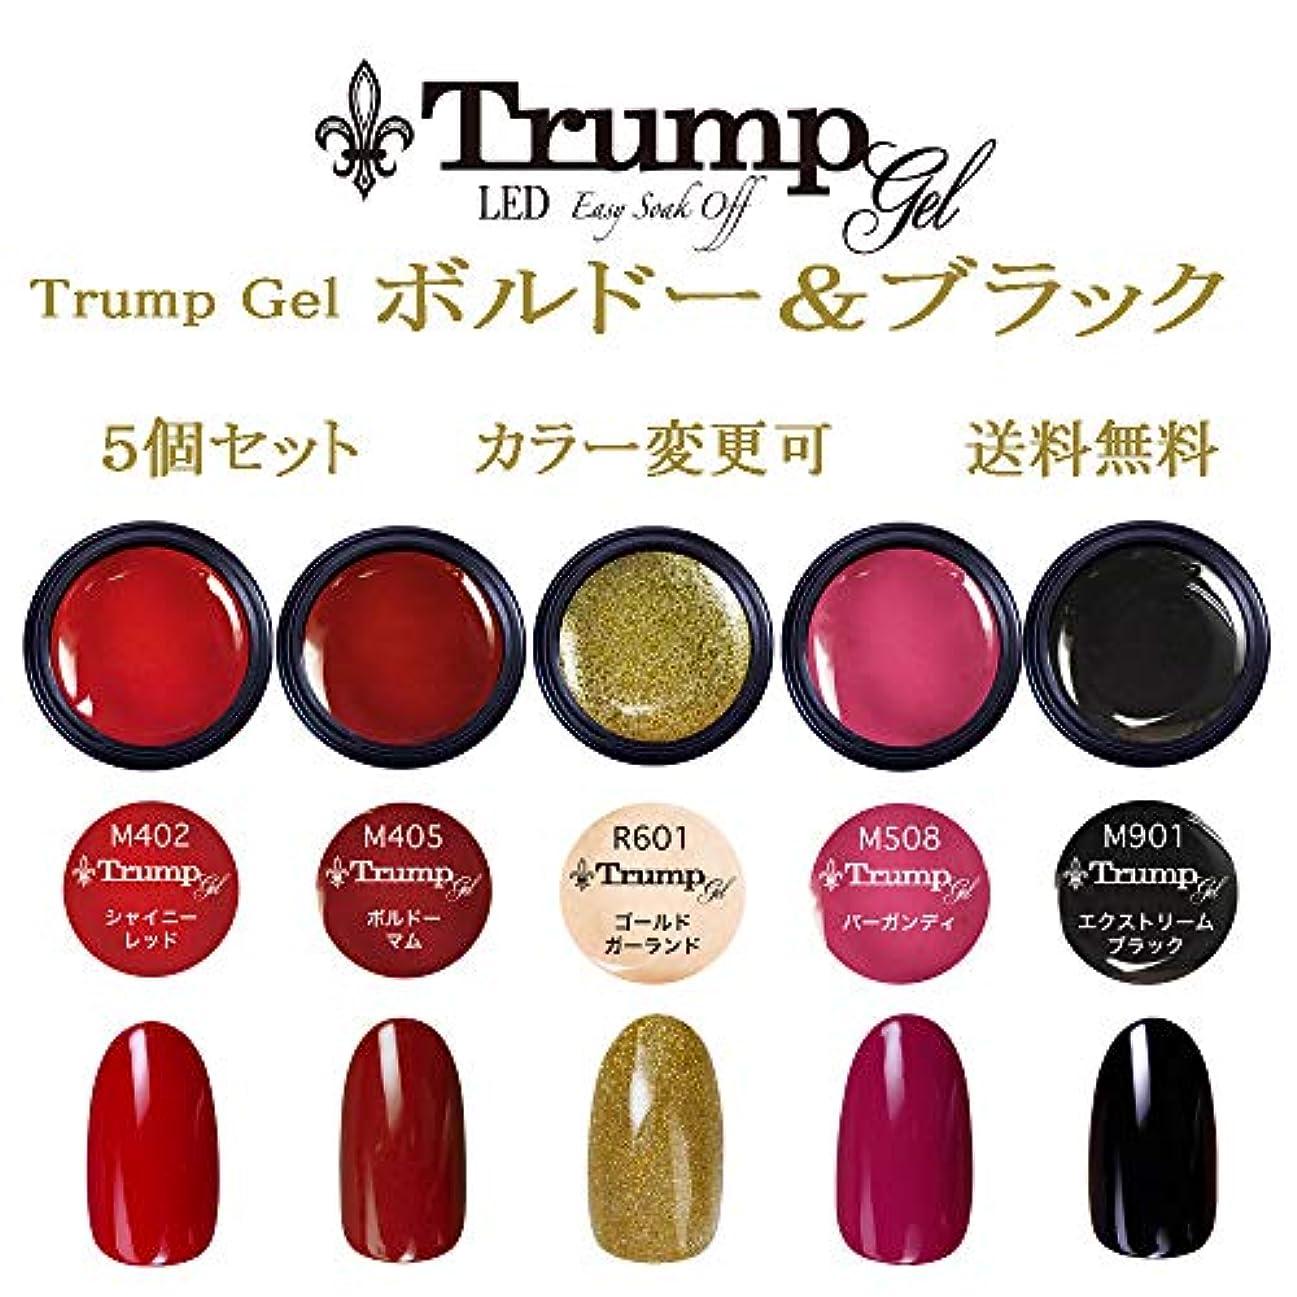 エリート真剣に矢印日本製 Trump gel トランプジェル ボルドー & ブラック ネイル 選べる カラージェル 5個セット ワイン ボルドー ゴールド パープル ブラック